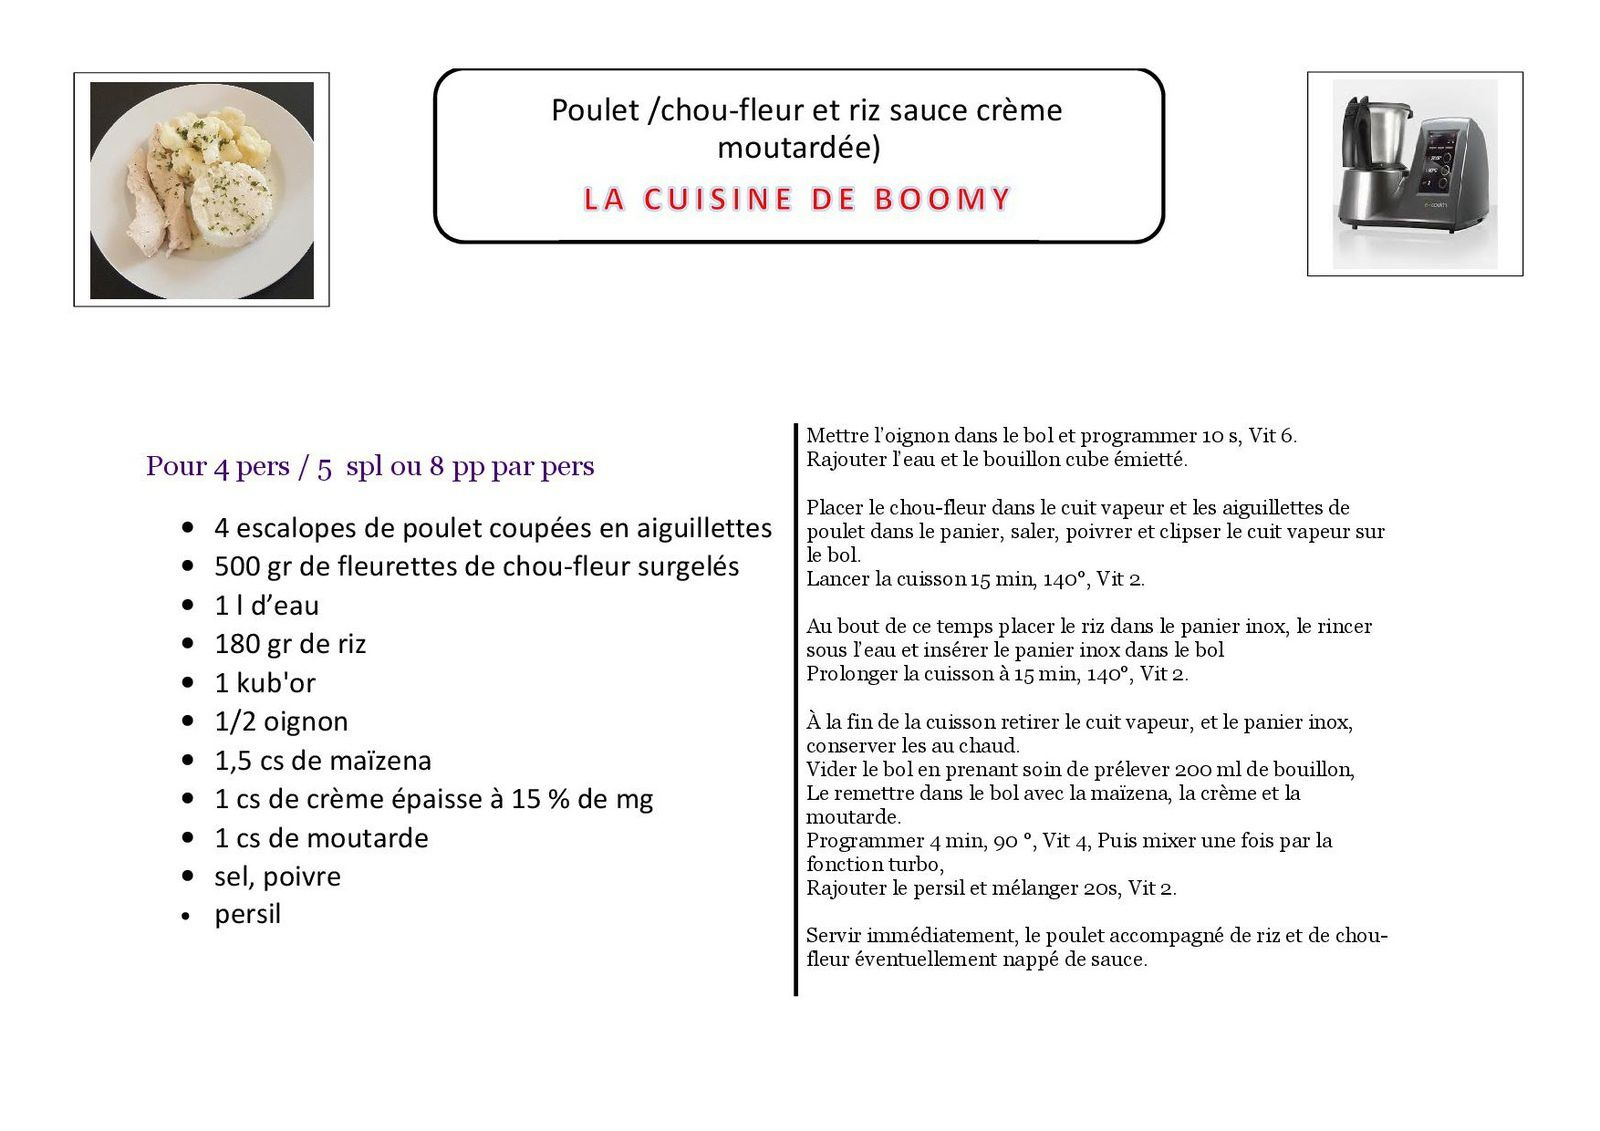 Poulet /chou-fleur et riz sauce crème moutardée (I-Cook'in)